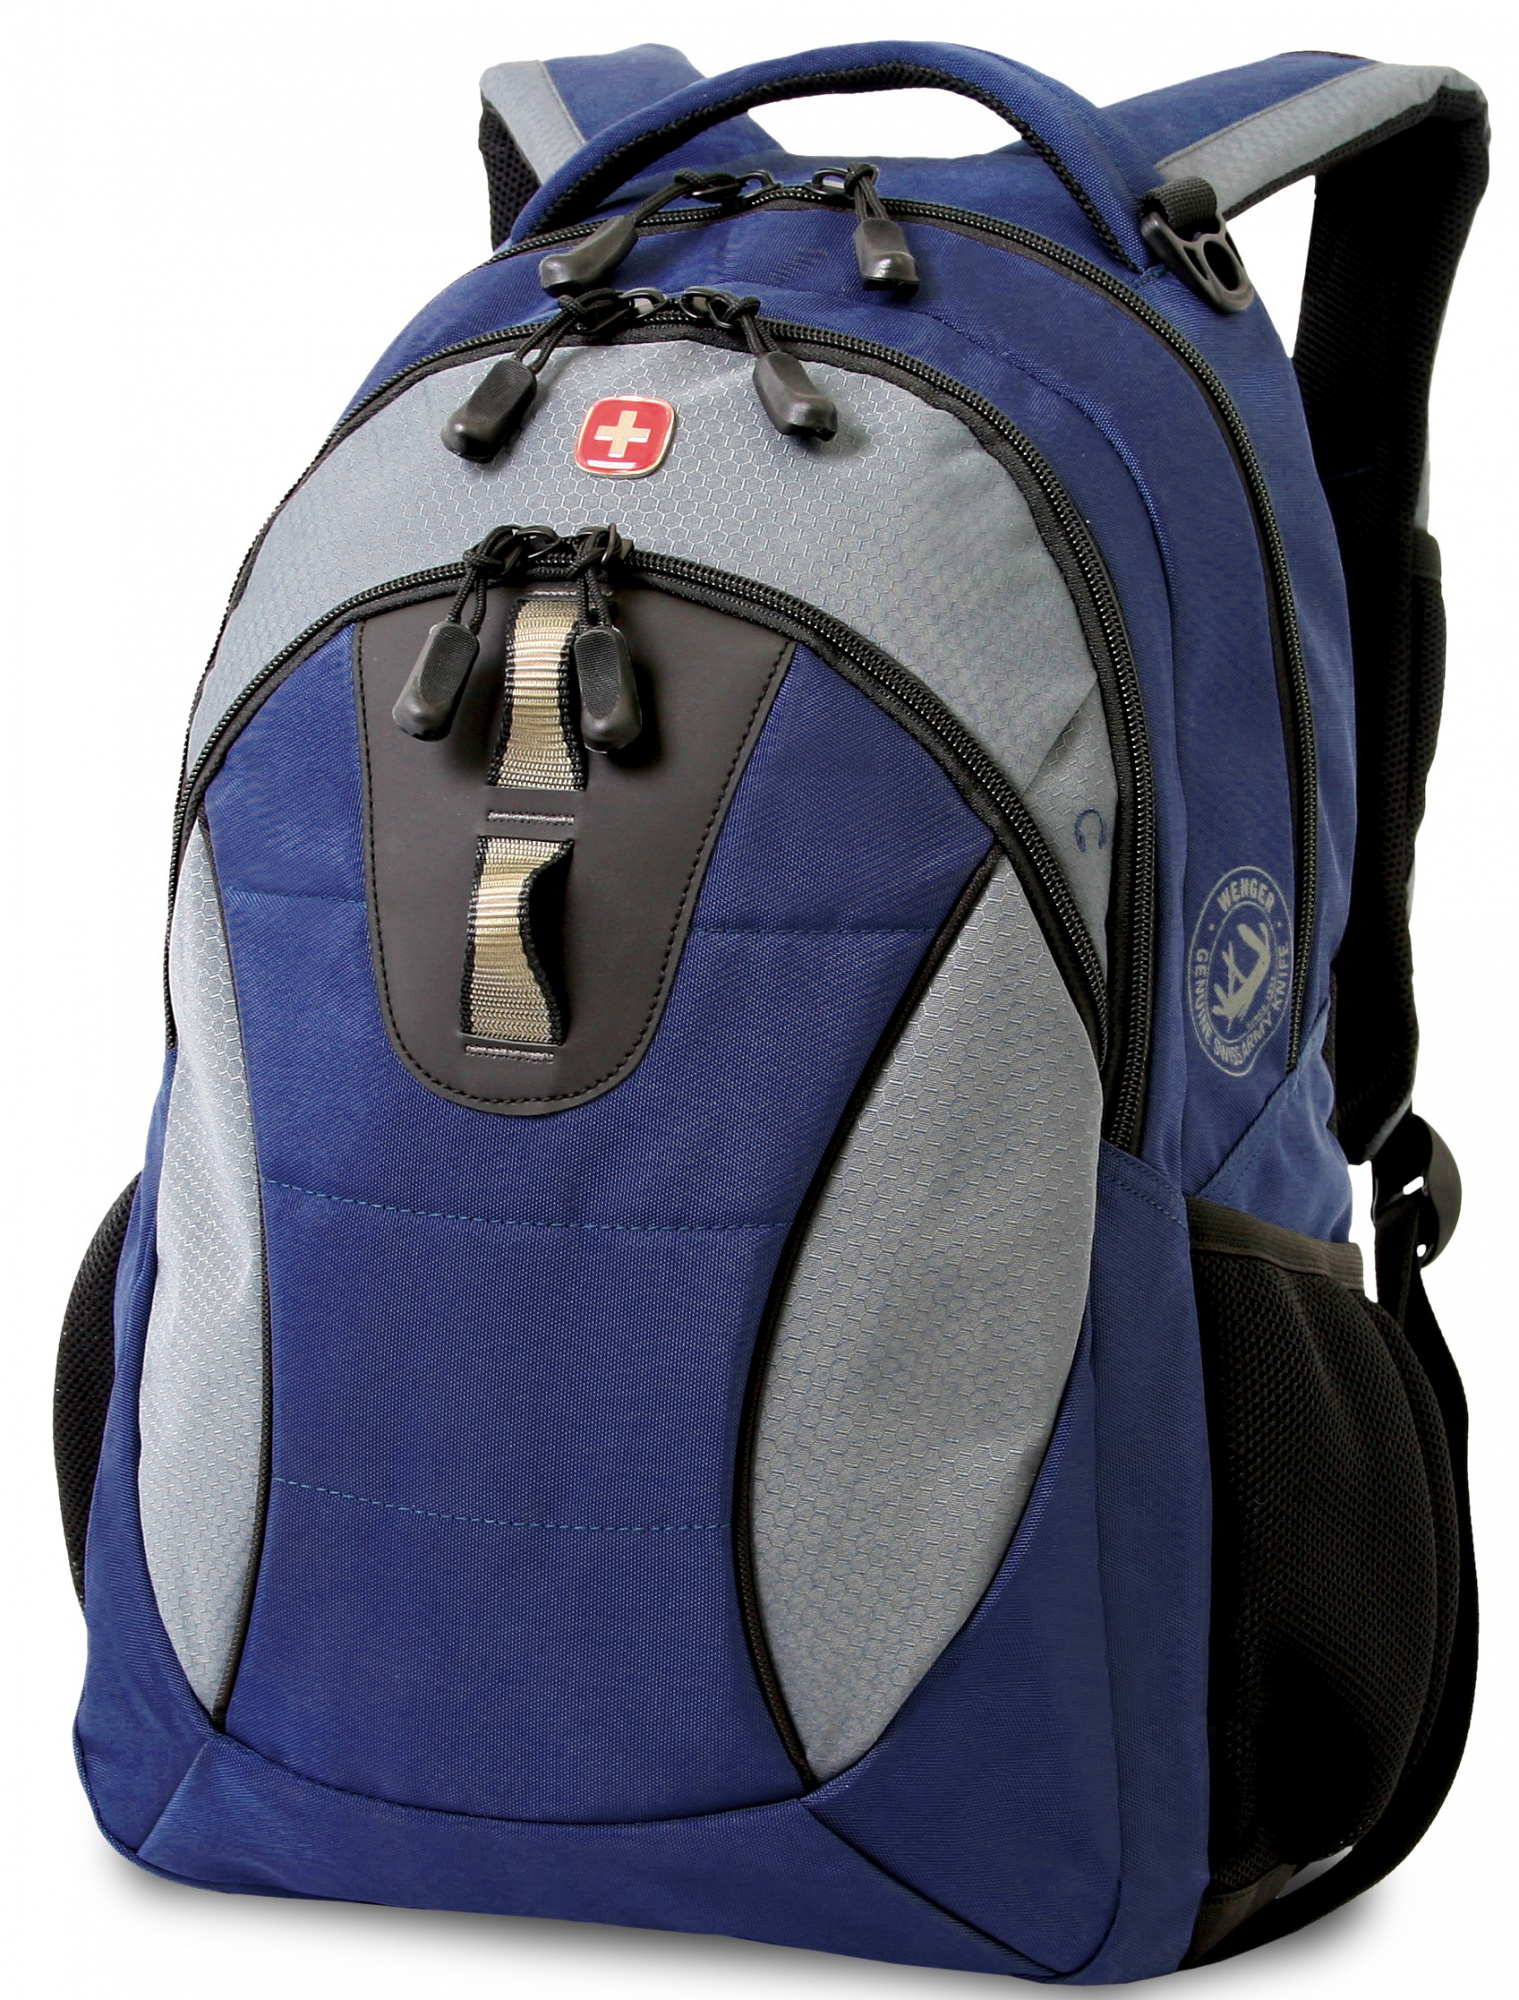 Wenger 16063415 - рюкзак (Blue/Black) рюкзак wenger 3191203408 blue black turquoise